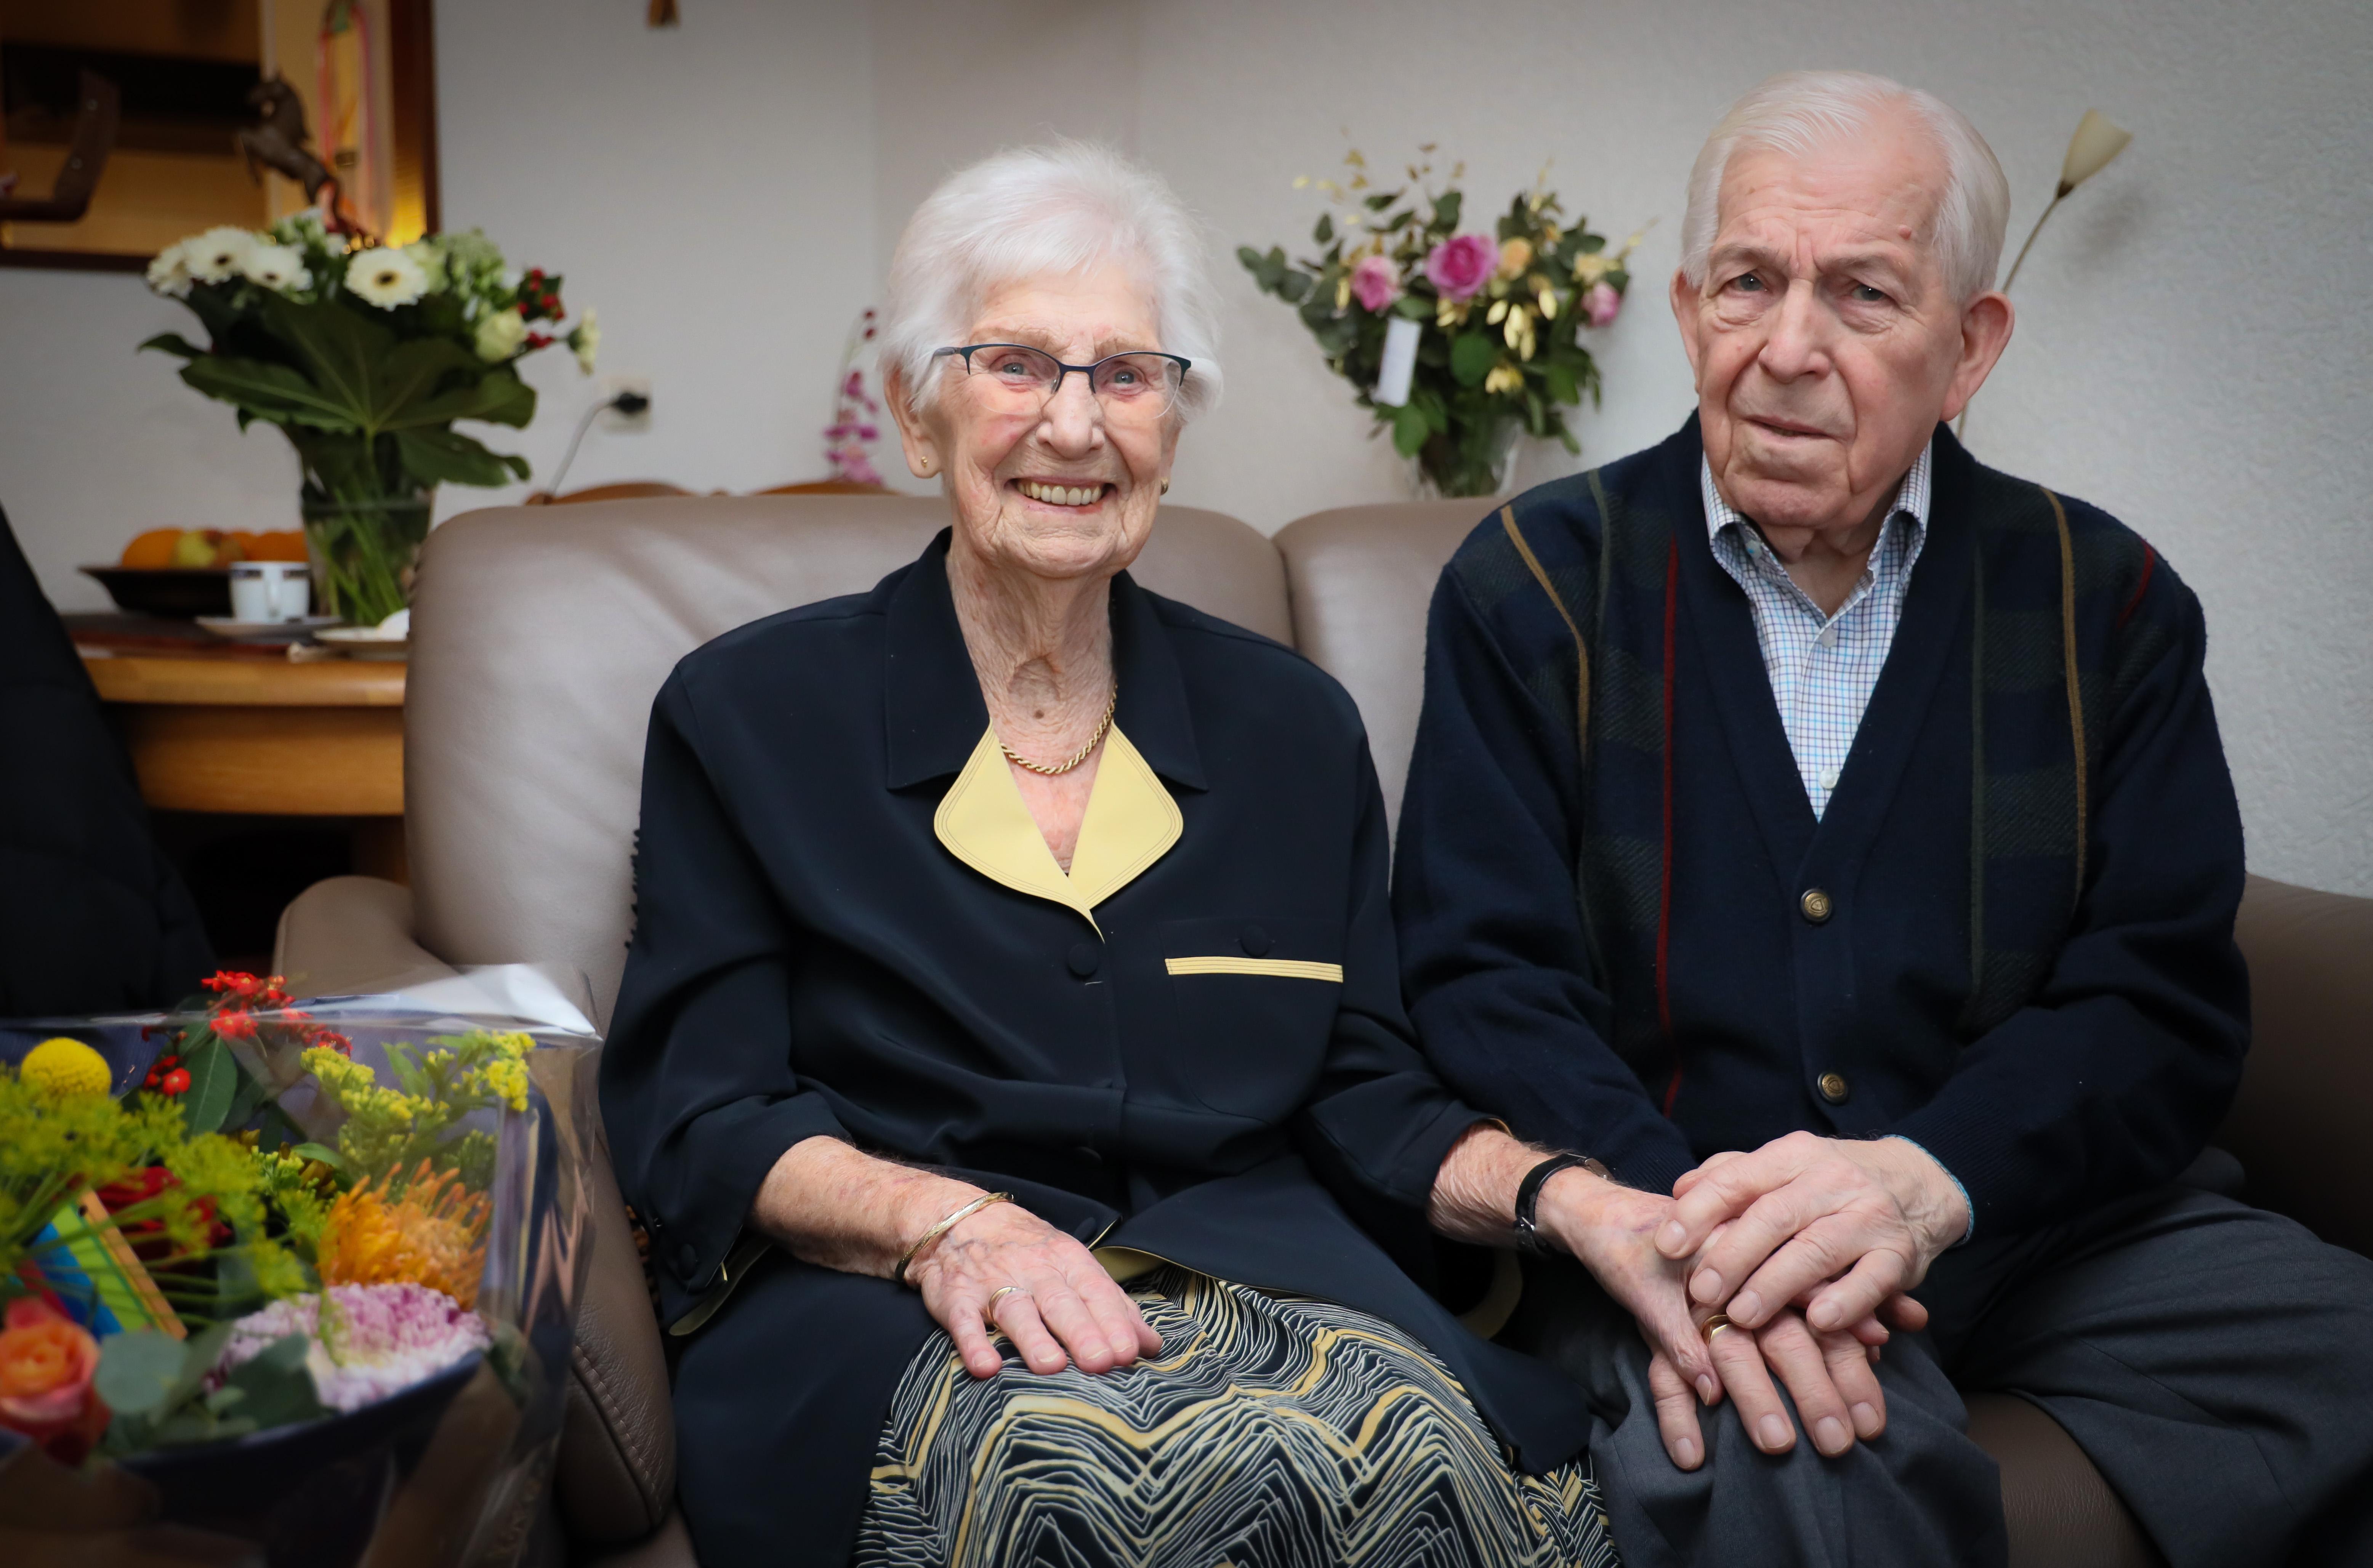 Rijn Frank (93) uit Hoorn vloog met zijn schip de lucht in, maar zijn huwelijk met Mimi (90) was minder explosief en nu zijn ze 65 jaar getrouwd: 'Wát een tijd hé!'